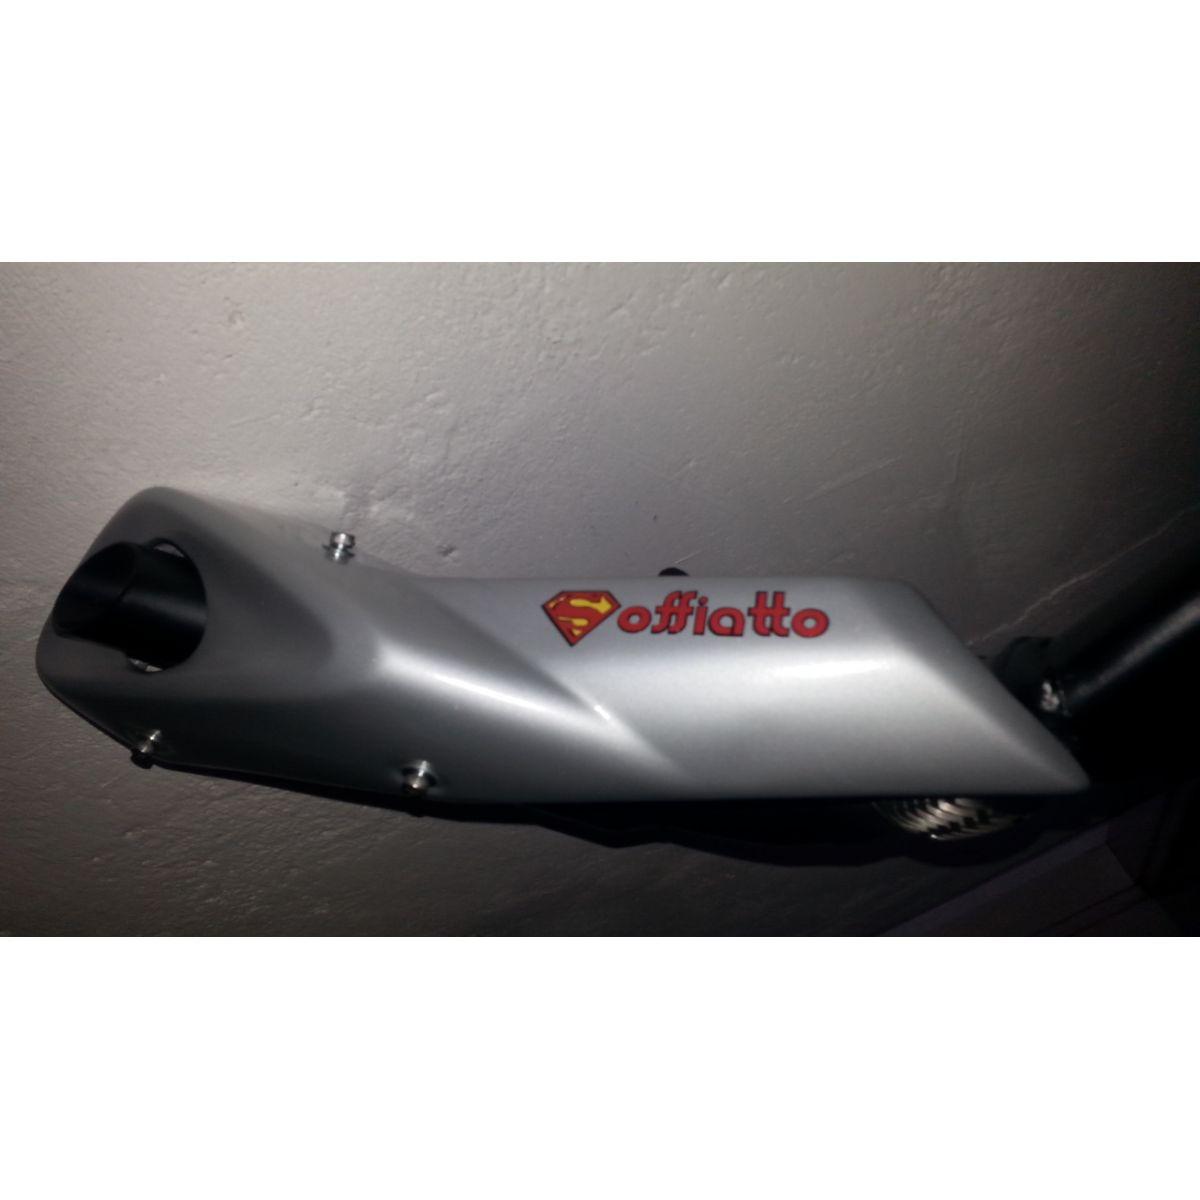 CB650F 4x1 Esportivo Aço Carbono  - Soffiatto